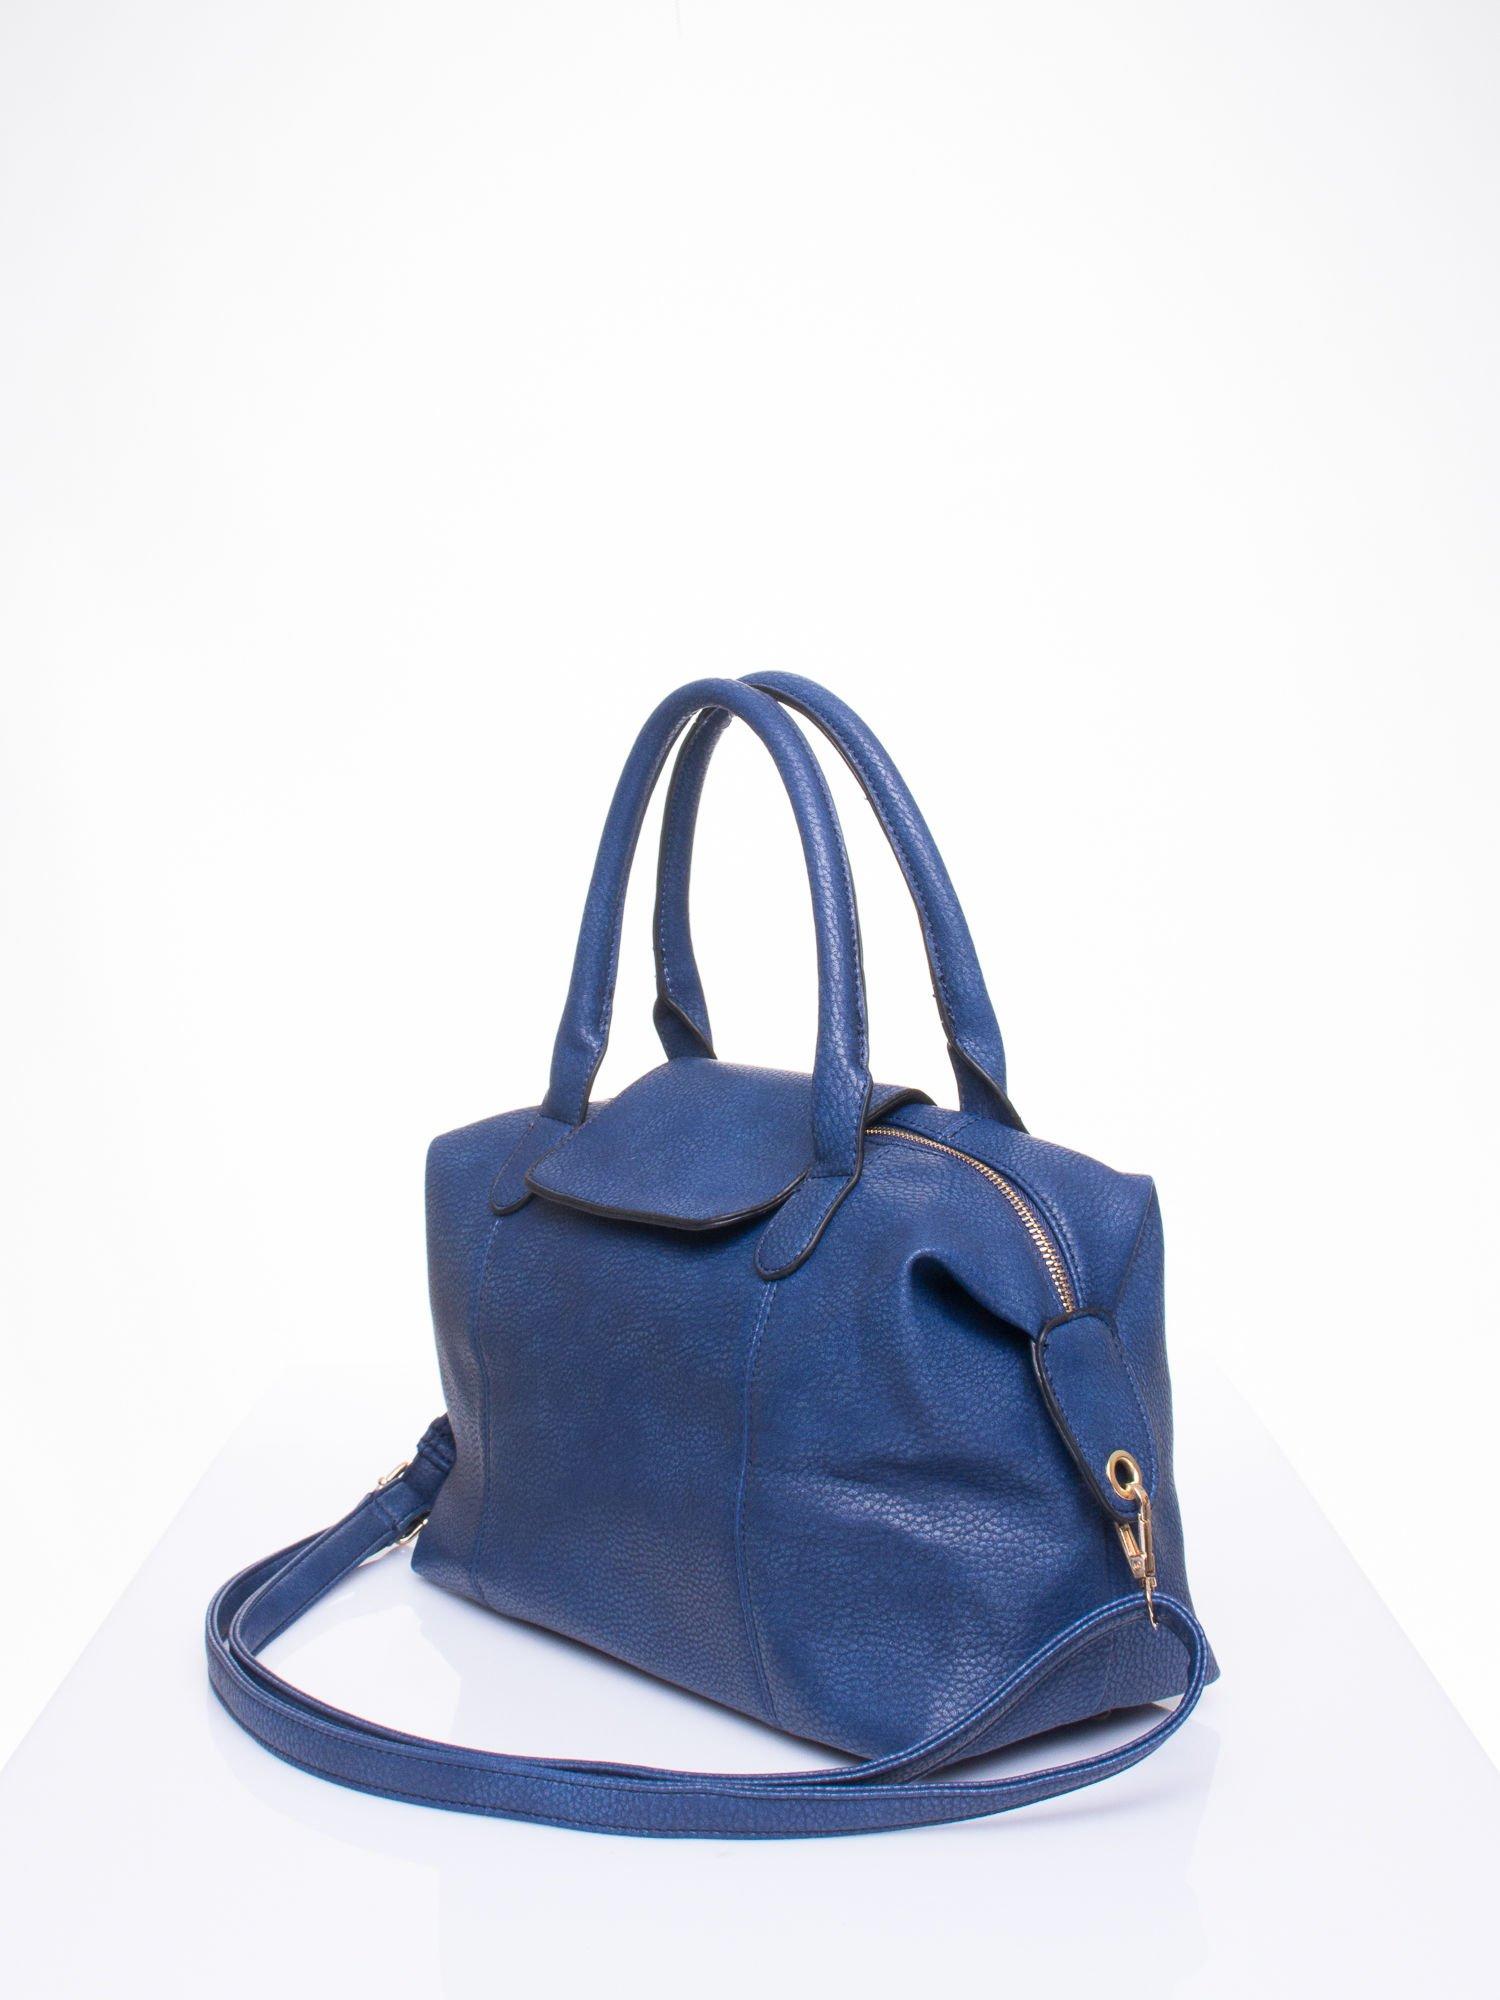 Granatowa torba z klapką i odpinanym paskiem                                  zdj.                                  2